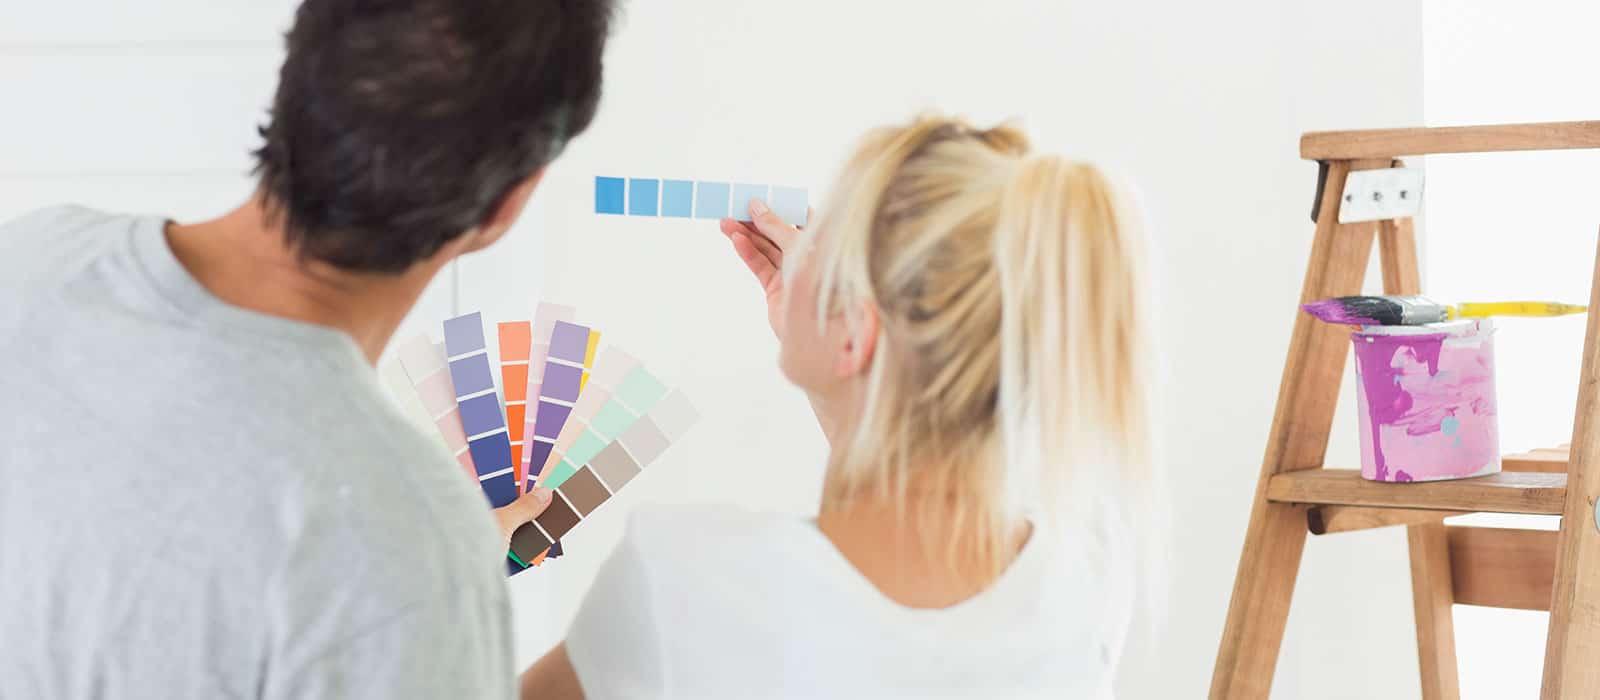 Heben Sie sich von anderen ab mit unserer kreativen Wohnraumgestaltung!